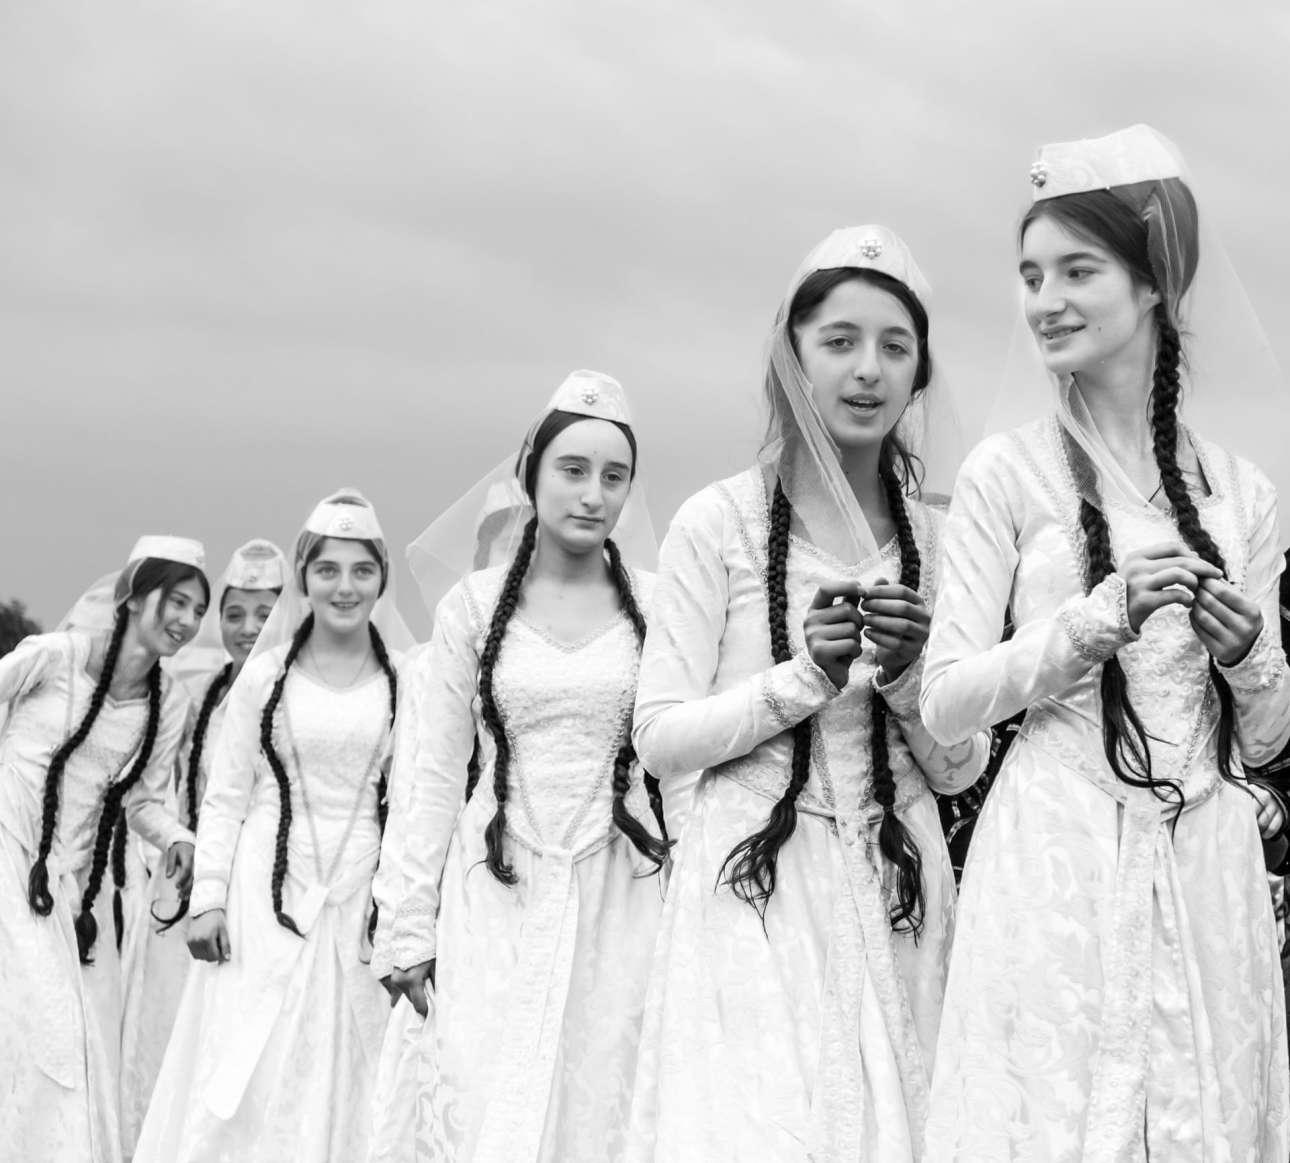 Κορίτσια ντυμένα νύφες παρελαύνουν στην Τυφλίδα, Γεωργία